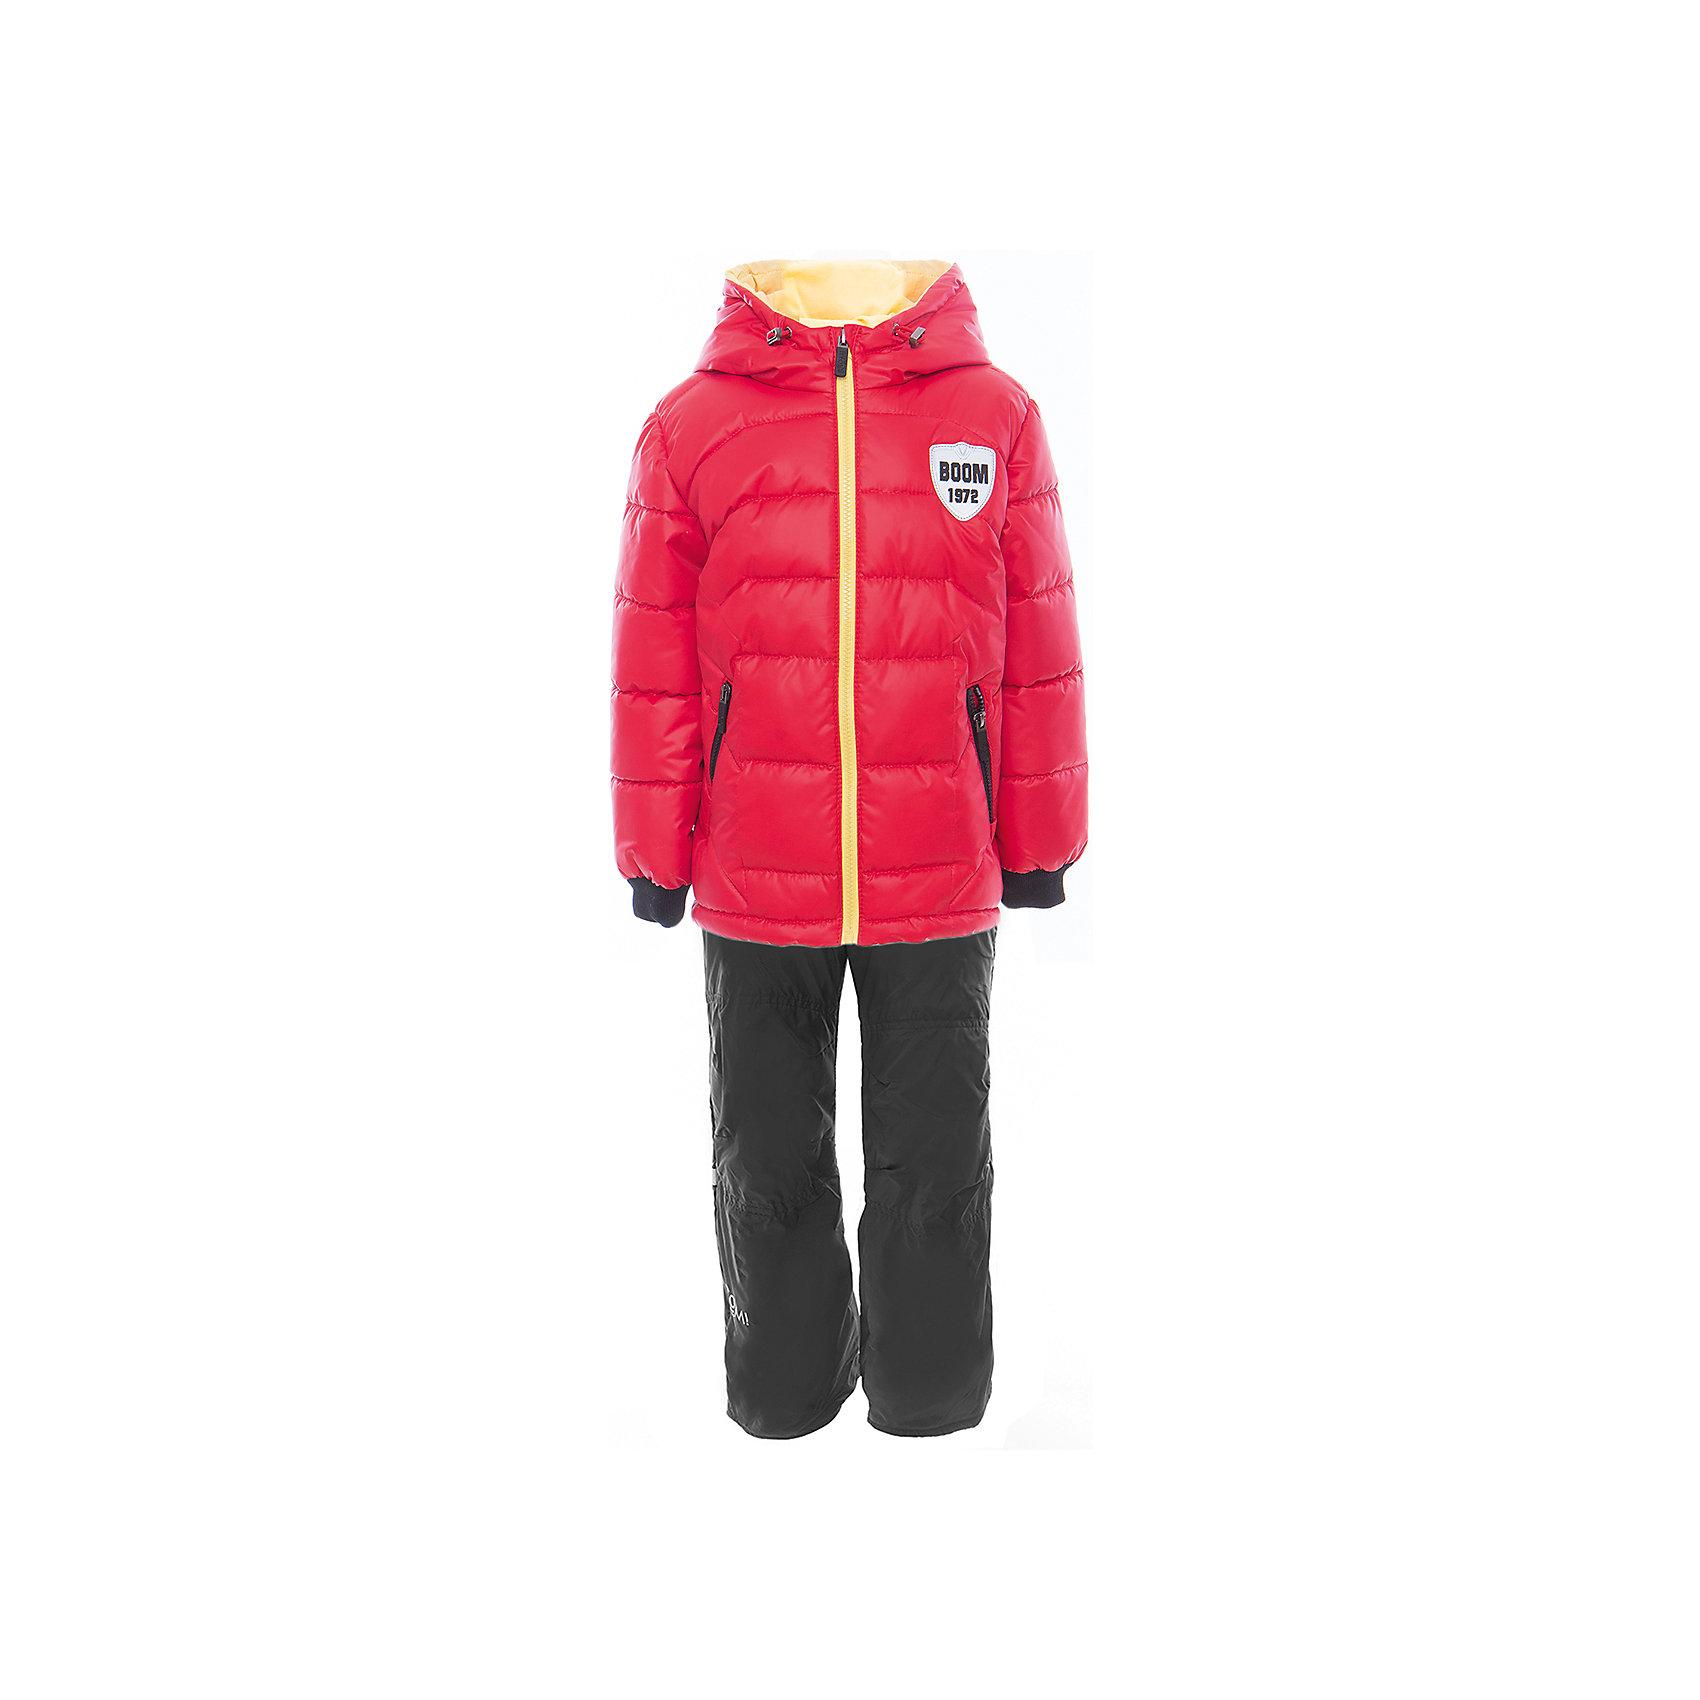 Комплект для мальчика BOOM by OrbyВерхняя одежда<br>Характеристики товара:<br><br>• цвет: красный<br>• состав: <br>курточка: верх - таффета, болонь, подкладка - поликоттон, полиэстер, утеплитель: Flexy Fiber 150 г/м2<br>брюки: подкладка - флис<br>• комплектация: куртка, брюки<br>• температурный режим: от -5 С° до +10 С° <br>• карманы<br>• застежка - молния<br>• куртка декорирована вышивкой<br>• эластичные манжеты<br>• комфортная посадка<br>• страна производства: Российская Федерация<br>• страна бренда: Российская Федерация<br>• коллекция: весна-лето 2017<br><br>Такой комплект - универсальный вариант для межсезонья с постоянно меняющейся погодой. Эта модель - модная и удобная одновременно! Изделие отличается стильным ярким дизайном. Куртка и брюки хорошо сидят по фигуре, отлично сочетается с различной обувью. Модель была разработана специально для детей.<br><br>Одежда от российского бренда BOOM by Orby уже завоевала популярностью у многих детей и их родителей. Вещи, выпускаемые компанией, качественные, продуманные и очень удобные. Для производства коллекций используются только безопасные для детей материалы. Спешите приобрести модели из новой коллекции Весна-лето 2017! <br><br>Комплект для мальчика от бренда BOOM by Orby можно купить в нашем интернет-магазине.<br><br>Ширина мм: 356<br>Глубина мм: 10<br>Высота мм: 245<br>Вес г: 519<br>Цвет: красный<br>Возраст от месяцев: 36<br>Возраст до месяцев: 48<br>Пол: Мужской<br>Возраст: Детский<br>Размер: 104,122,86,92,98,110,116<br>SKU: 5343382